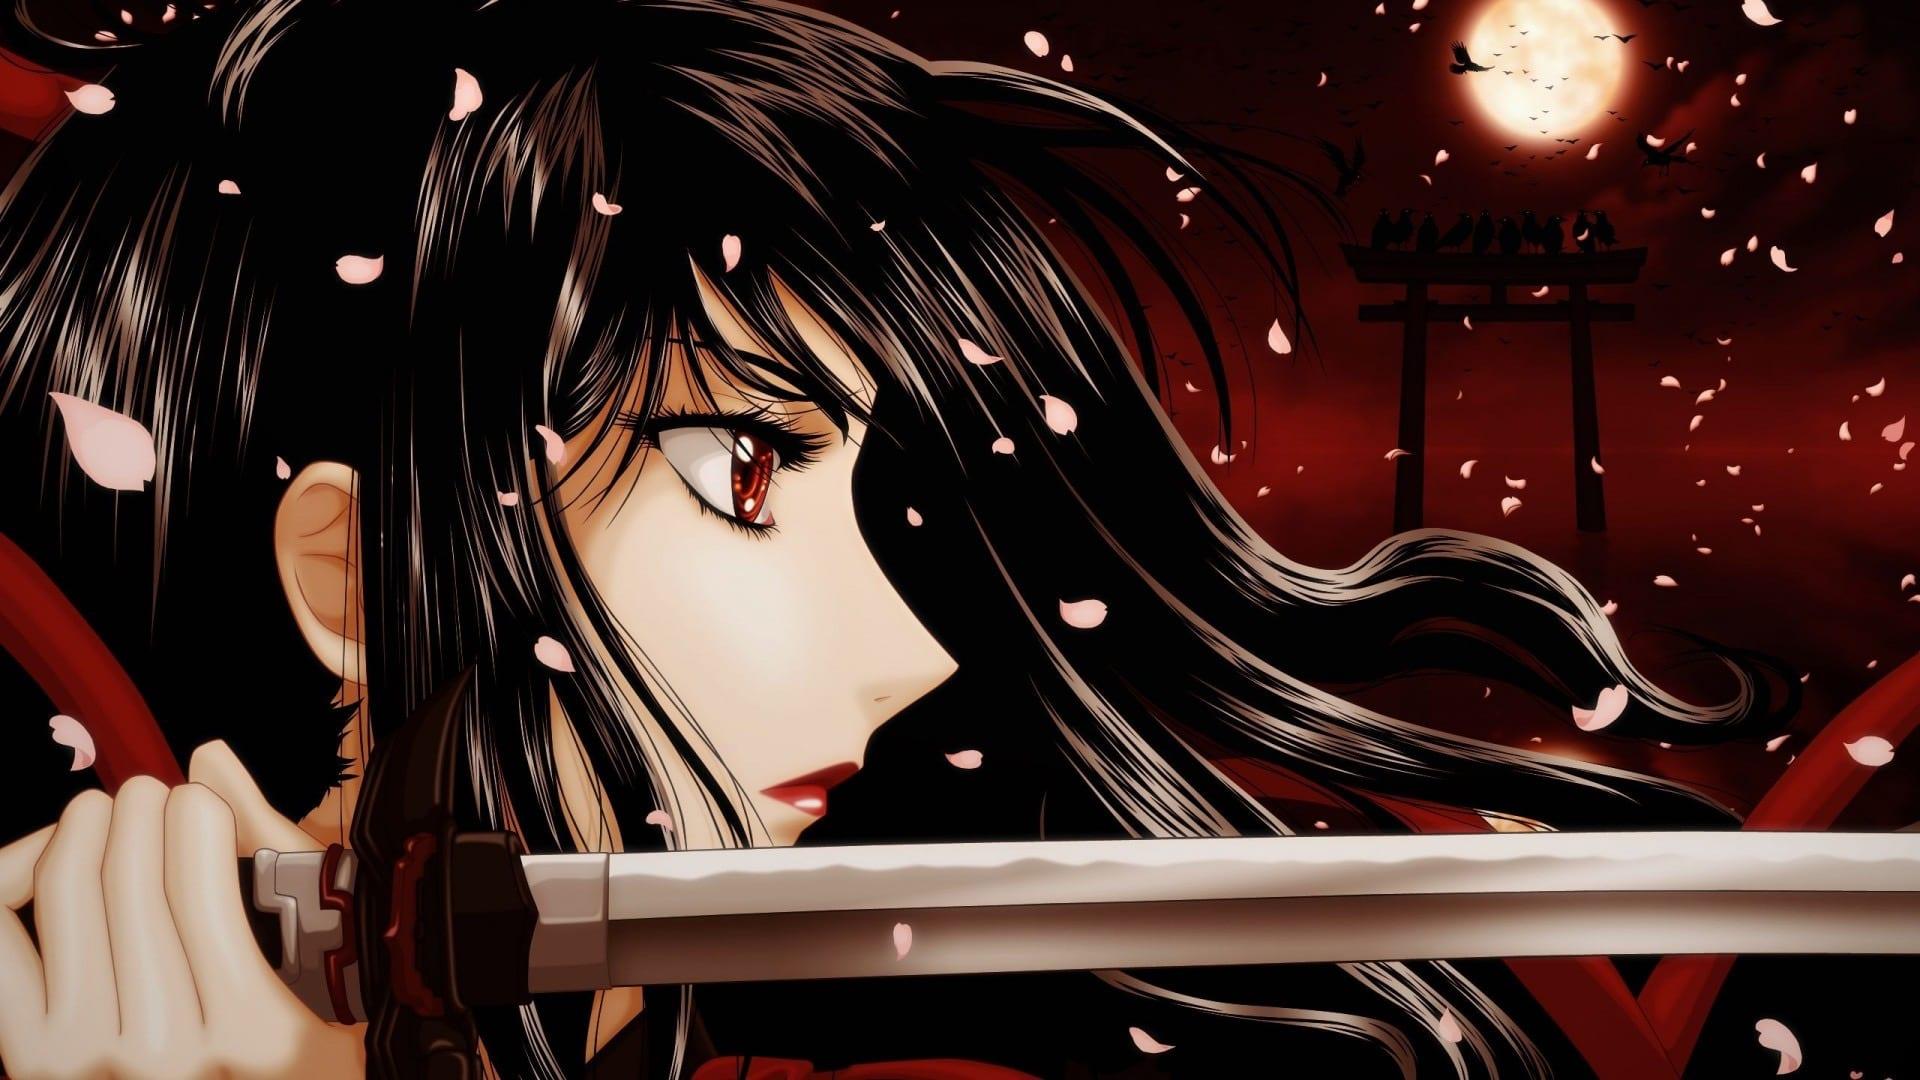 free anime fondos de pantalla: Fondos De Pantalla Anime Para Android